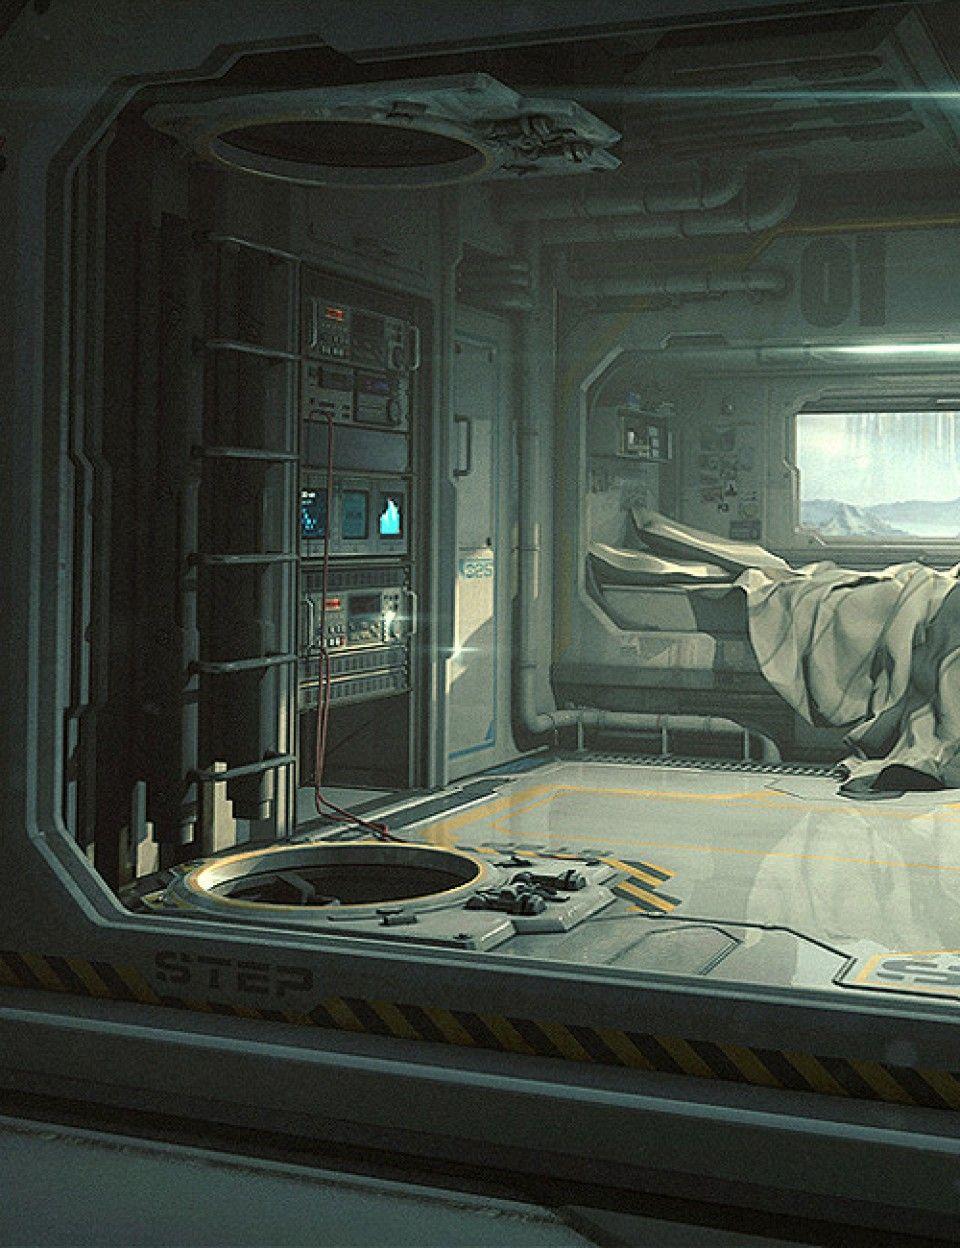 Sci-Fi Bedroom | Sci fi city, Sci fi environment, Sci fi art